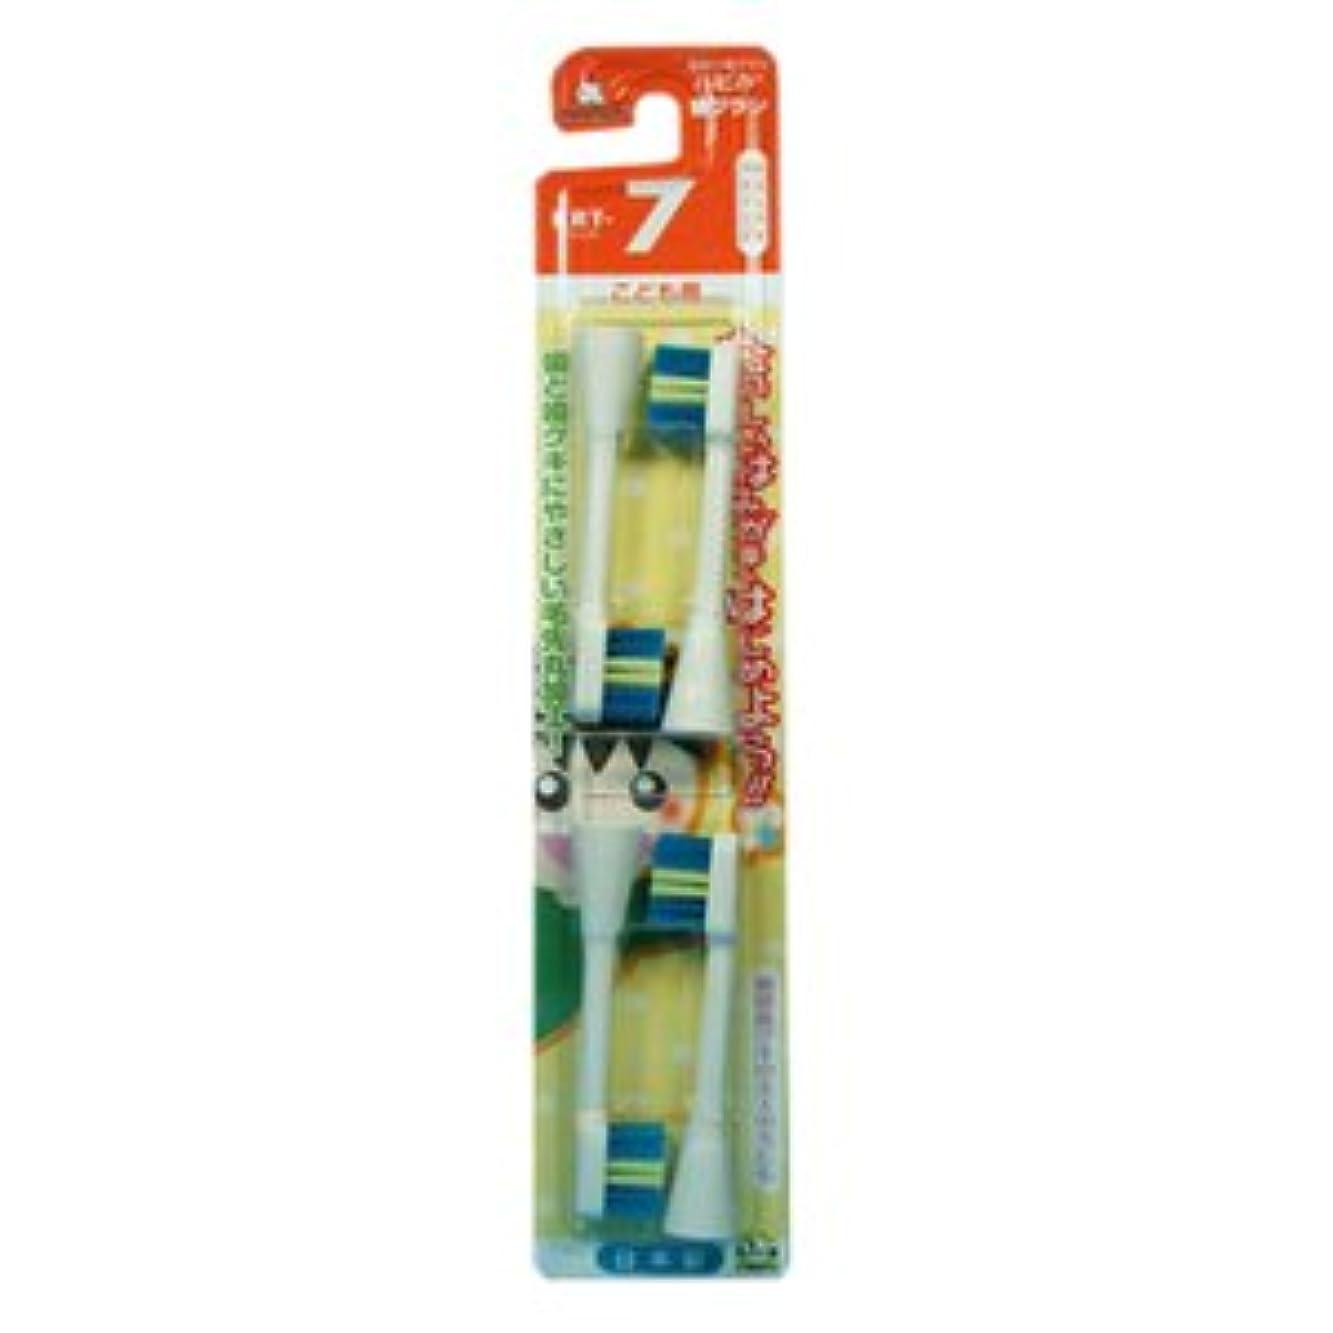 ポータブル女王キネマティクスミニマム 電動付歯ブラシ ハピカ 専用替ブラシ こども用 毛の硬さ:やわらかめ BRT-7 4個入